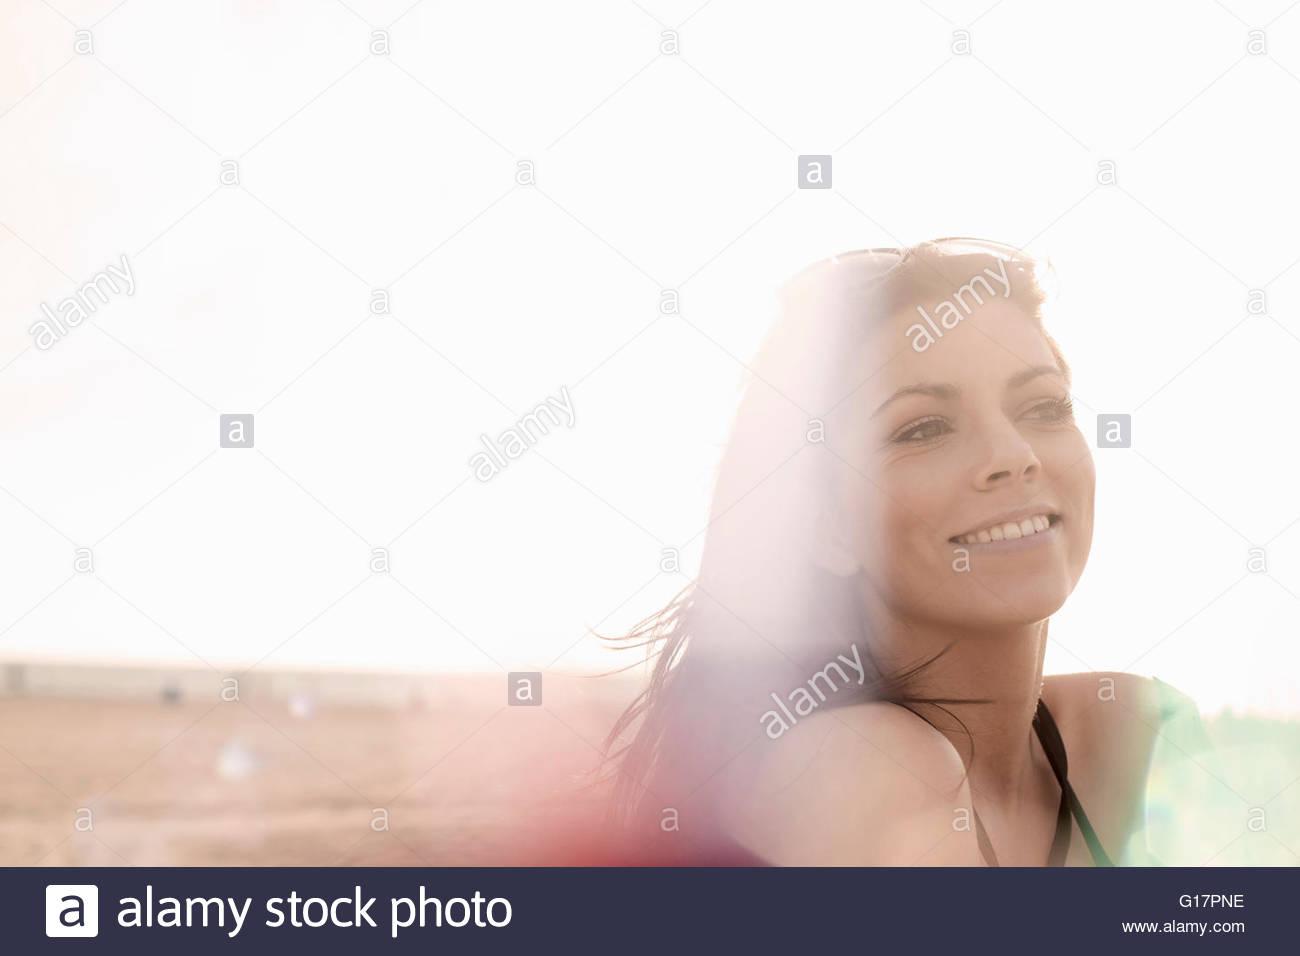 Giovane donna con capelli lunghi marrone sulla spiaggia, Santa Monica, California, Stati Uniti d'America Immagini Stock